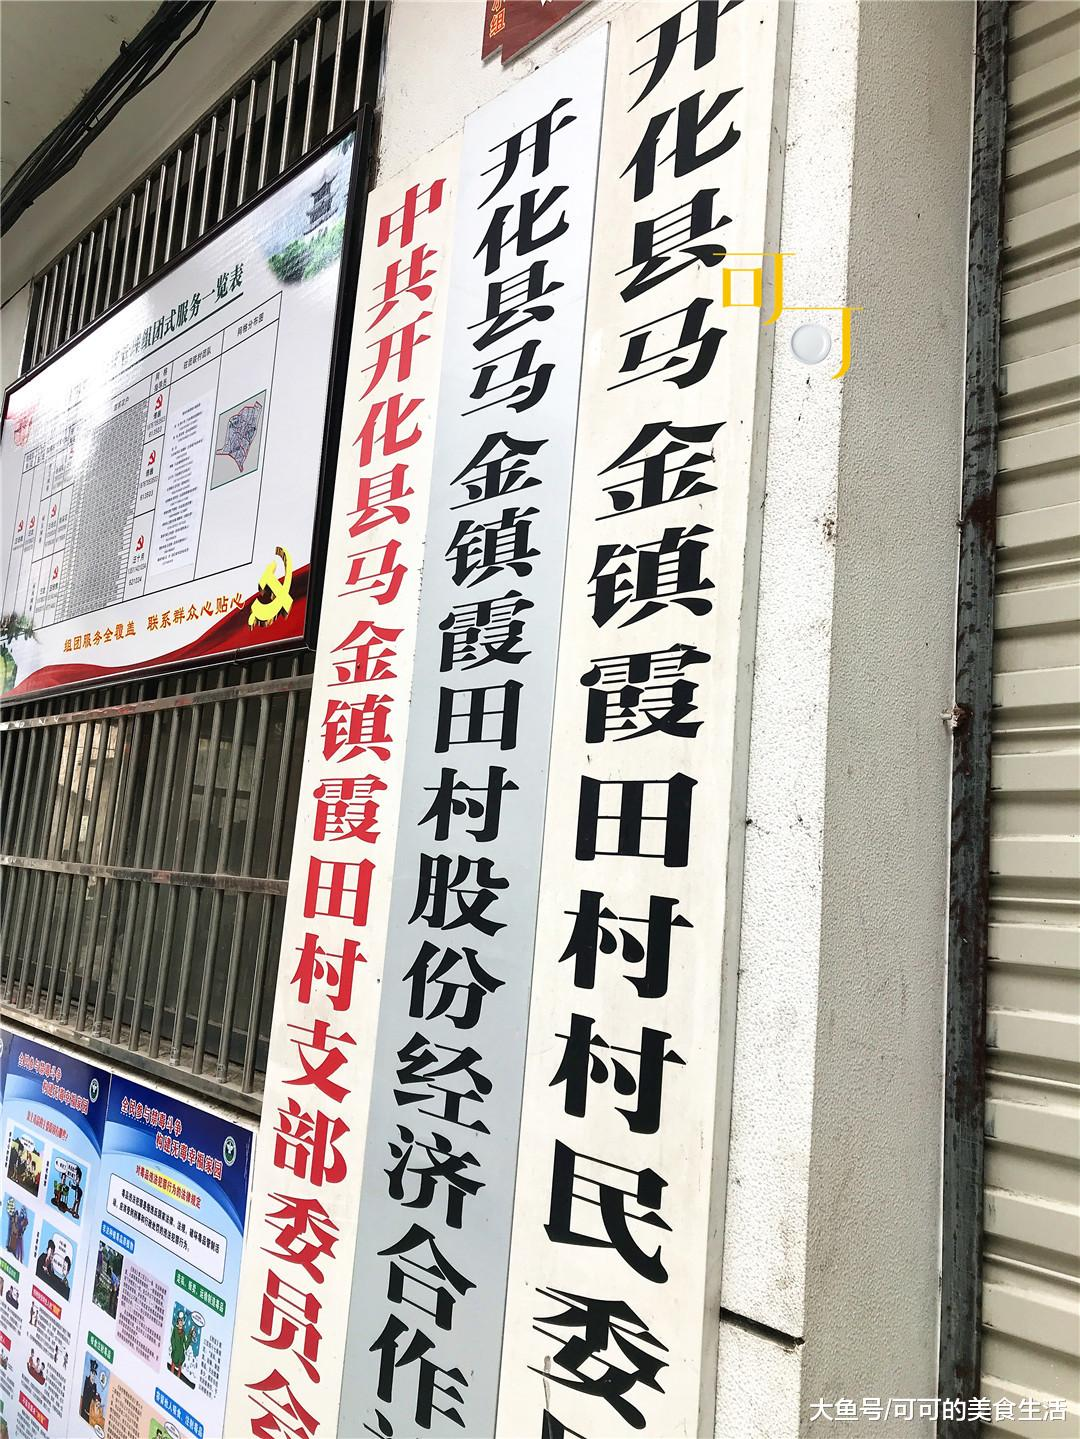 霞田村的汪氏祠堂,通俗人家挂在梁上的腊肉腊鸭,多暂出看到了